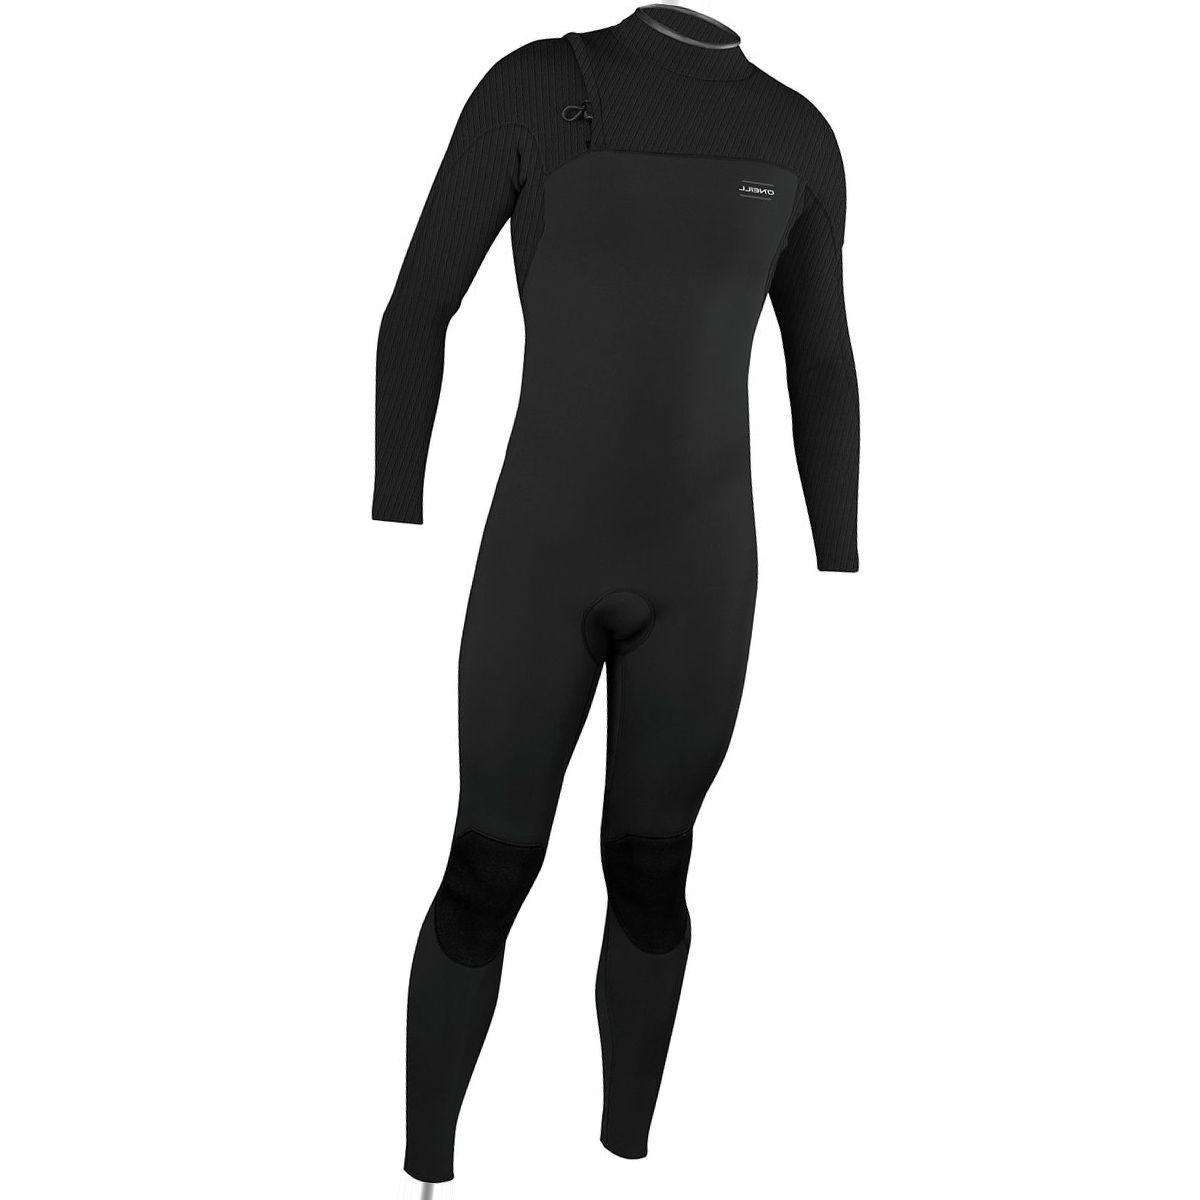 O'Neill Hyperfreak Comp 3/2 Zipless Full Wetsuit - Men's